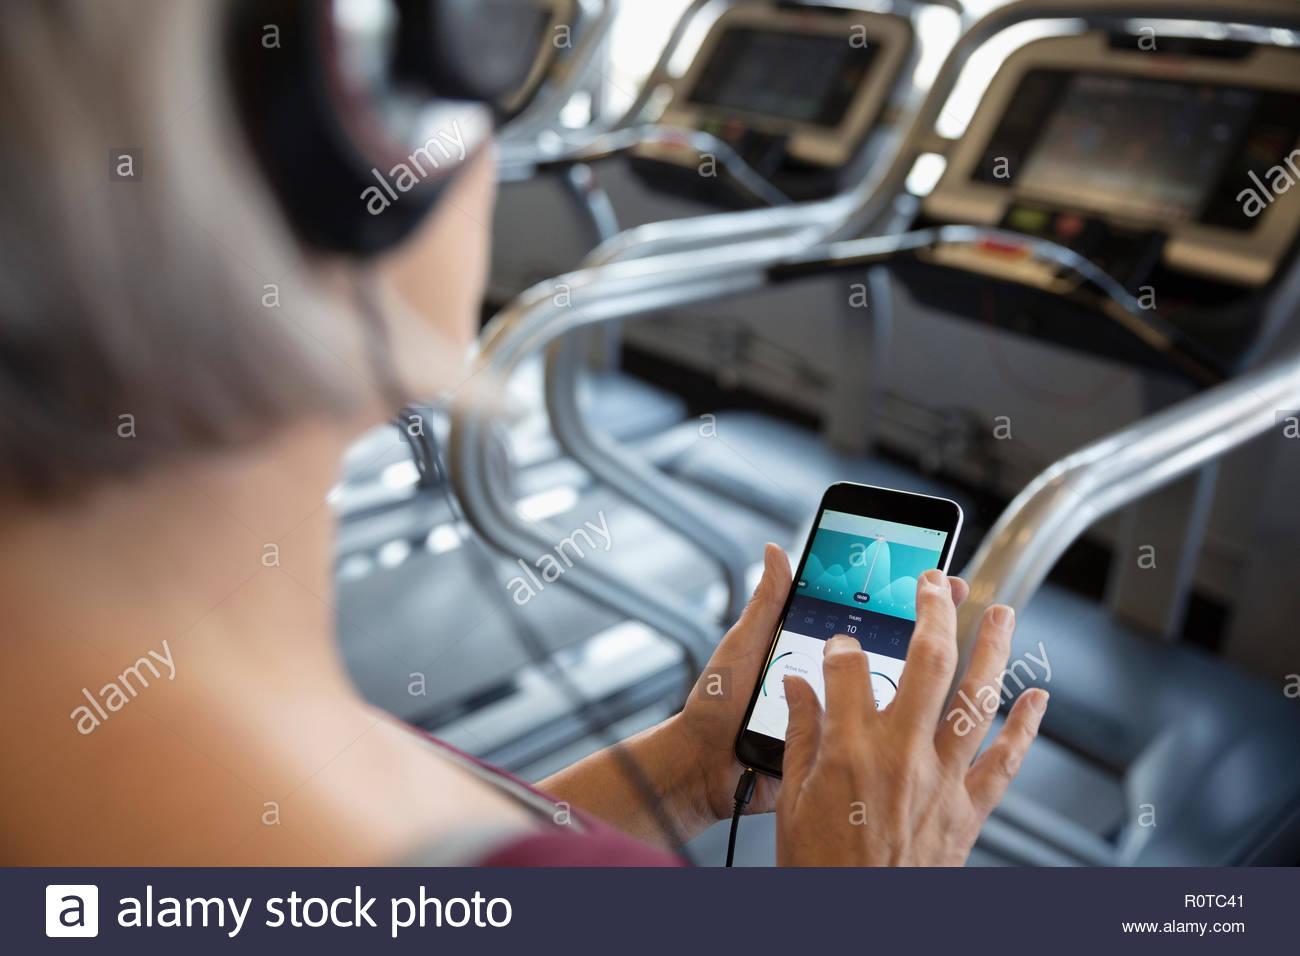 Woman on smart phone tracker remise en forme à tapis roulant dans une salle de sport Photo Stock